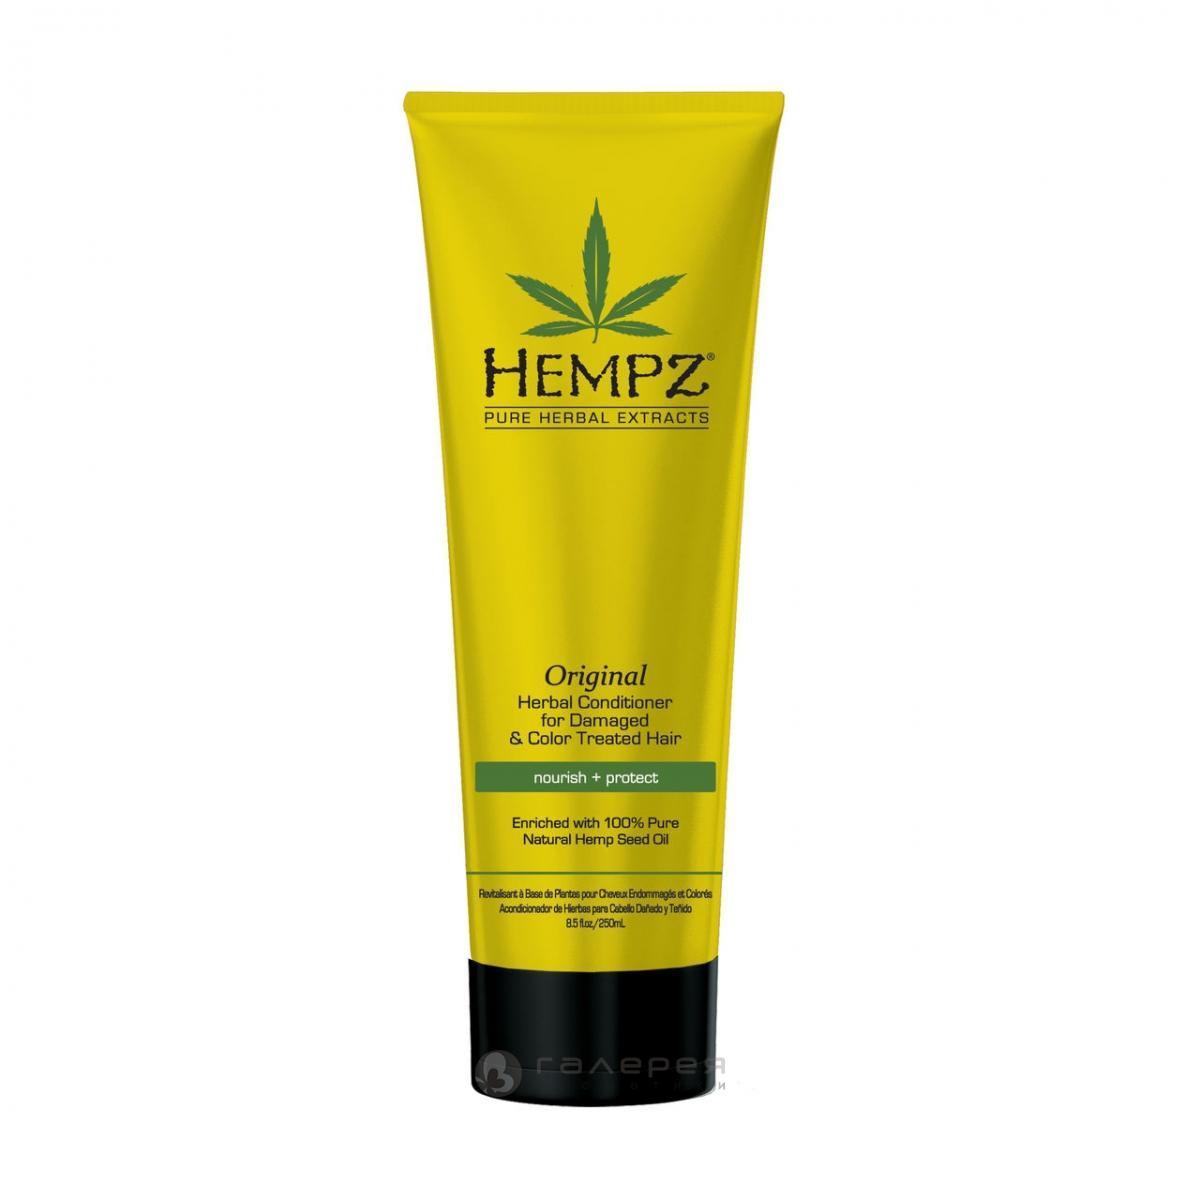 Hempz Кондиционер растительный Оригинальный для поврежденных окрашенных волос Original Herbal Conditioner 265 мл120-2437-03Делает волосы гладкими, сильными и послушными, не утяжеляя их. Масло и экстракт семян конопли наполняют волосы влагой, утерянной вследствие частого применения горячего фена или щипцов. Кунжутное и соевое масла глубоко питают и обеспечивают здоровый блеск волосам. Пантенол, кукурузное масло, протеины сои и пшеницы наполняют волосы жизненно важными питательными веществами. UV защита препятствует выгоранию цвета окрашенных и натуральных волос.